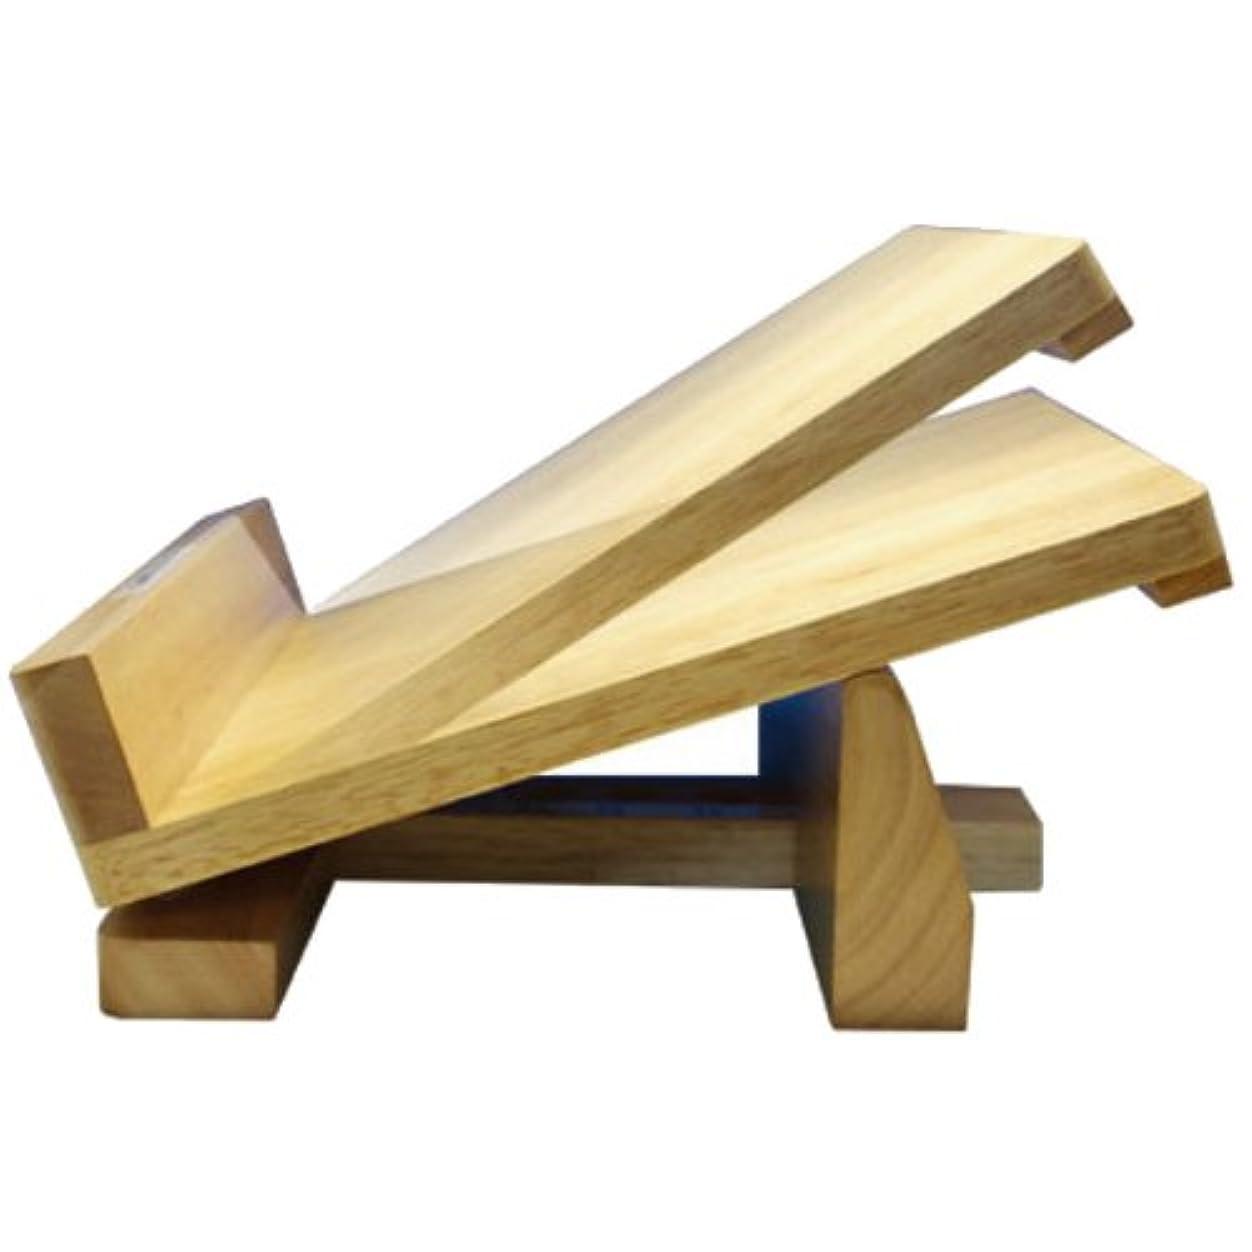 狂気健全はしご4段階に調節で無理なくストレッチ『木製ストレッチボード(足首のびのび)』